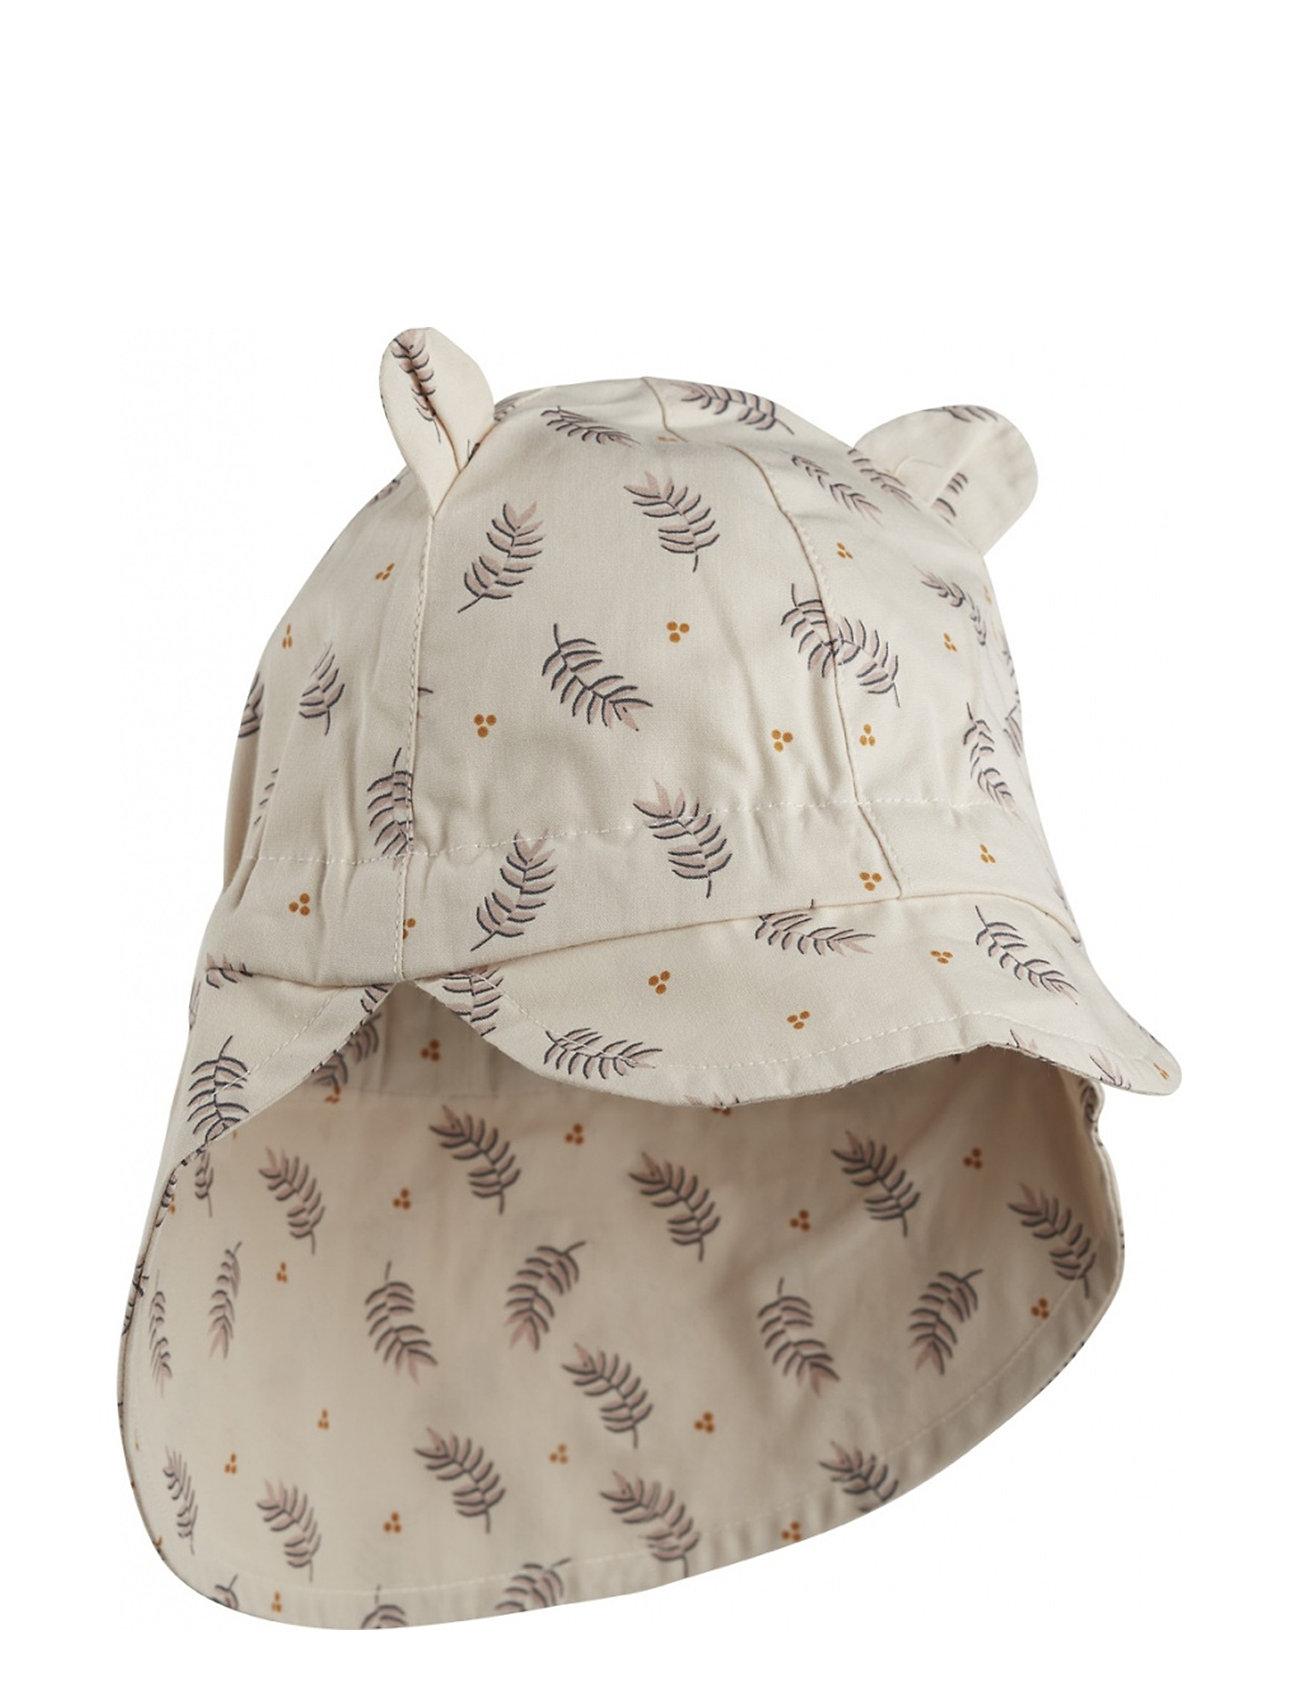 Liewood Gorm sun hat - FERN/ROSE